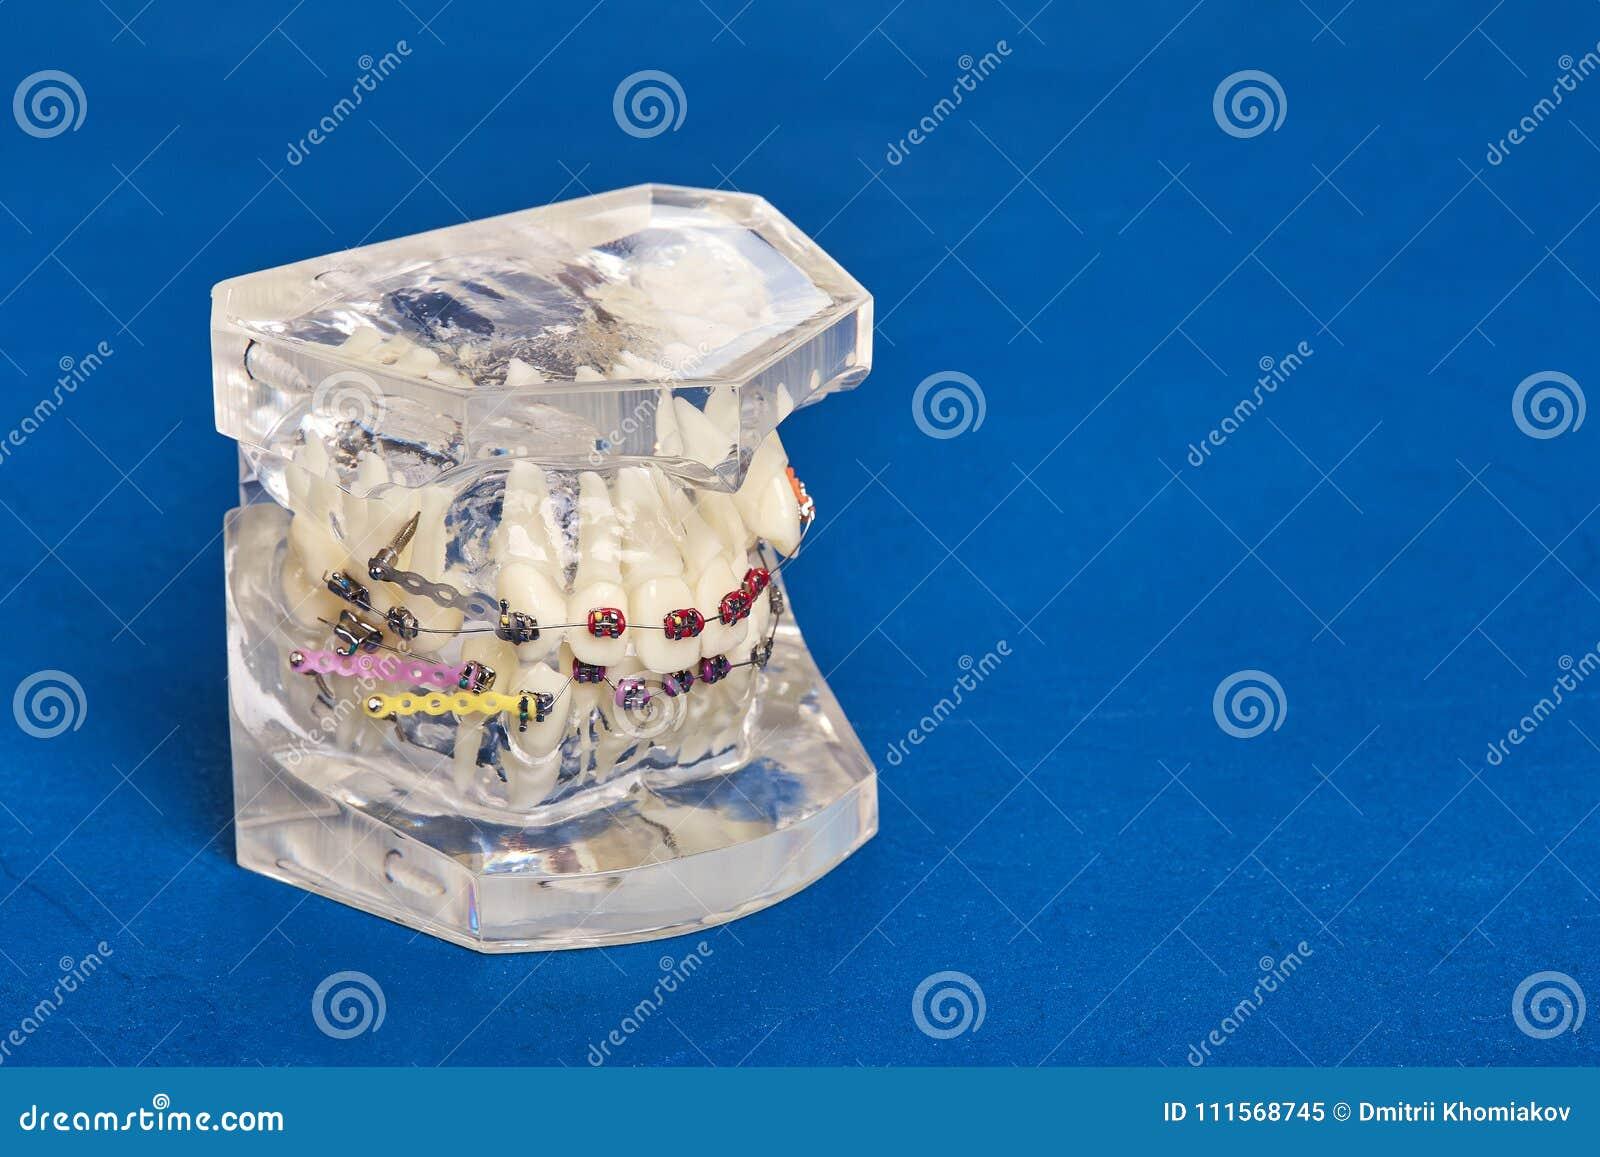 Modèle dentaire orthodontique de dents humaines avec des implants, bagues dentaires